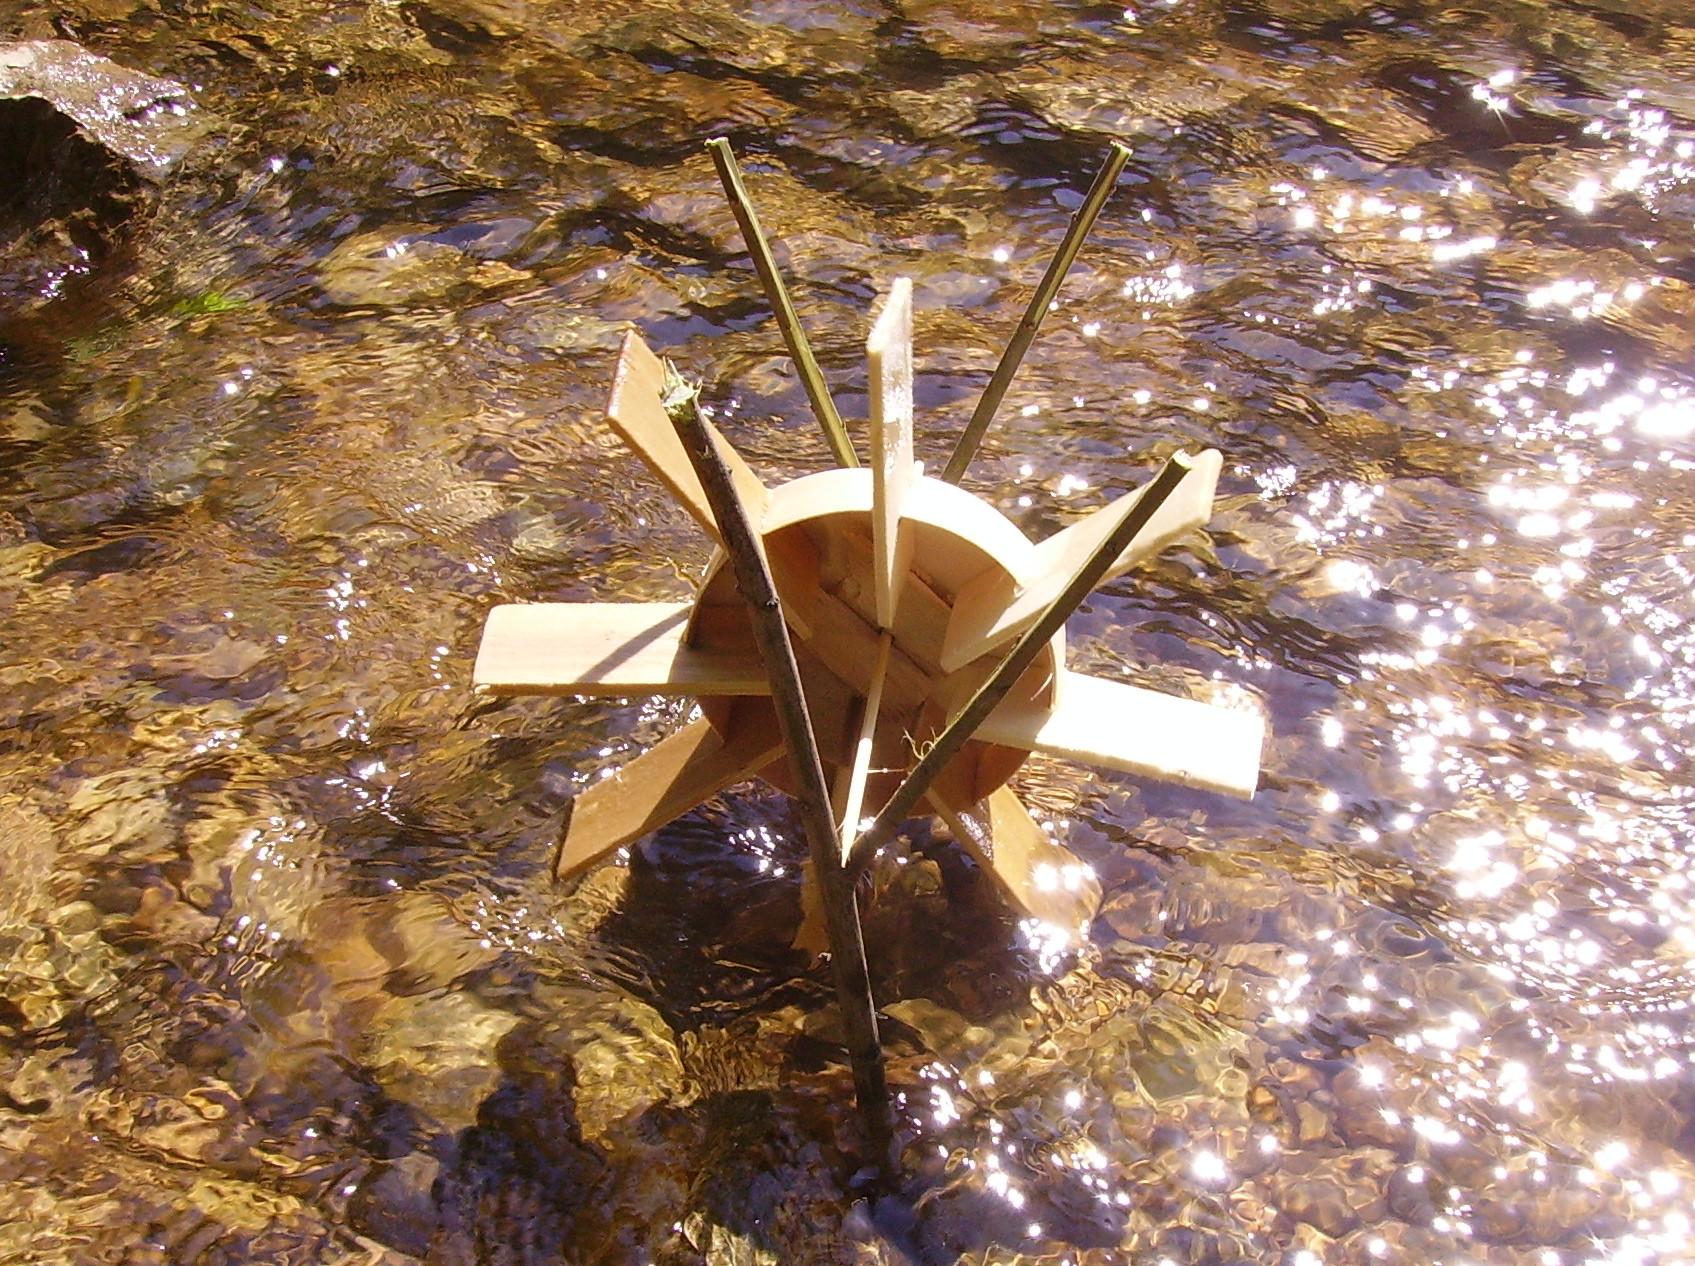 fabriquer un moulin eau en bois rev tements modernes du toit. Black Bedroom Furniture Sets. Home Design Ideas